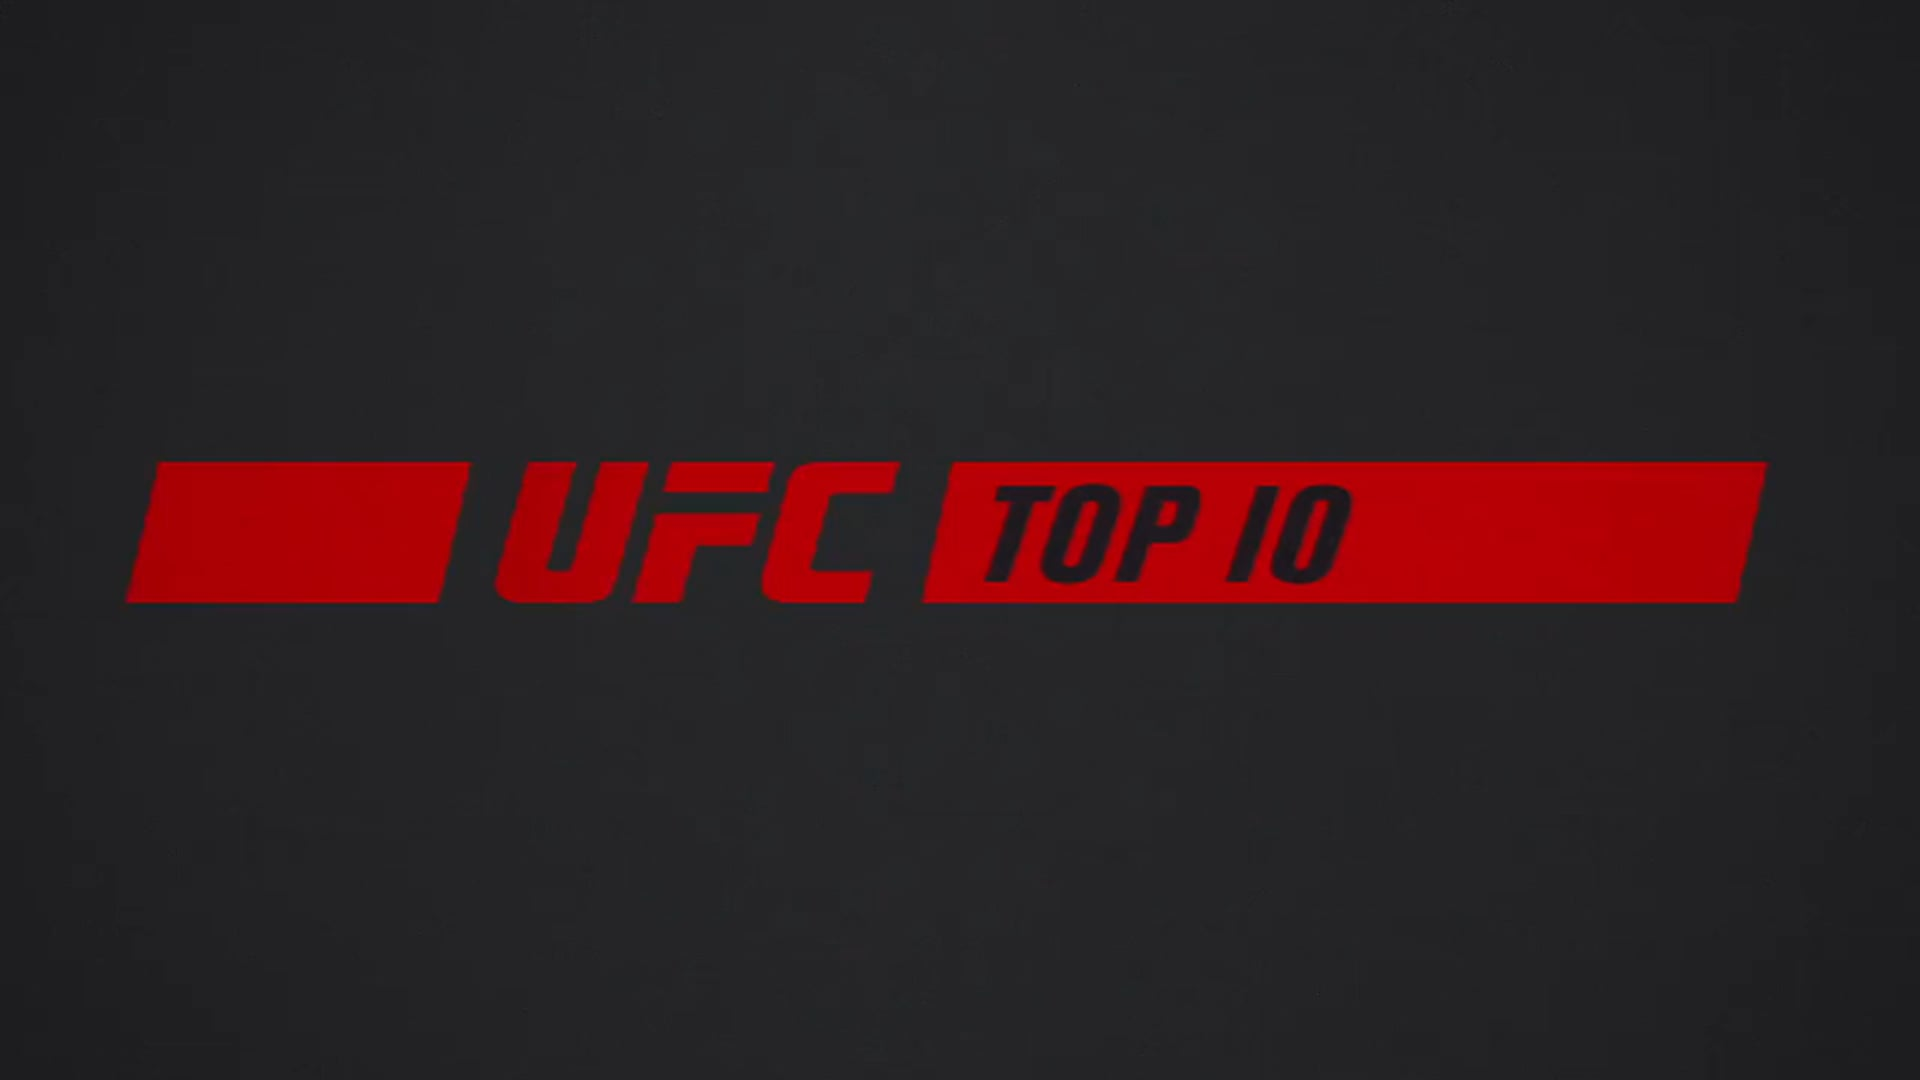 UFC Top 10 | Theme Song